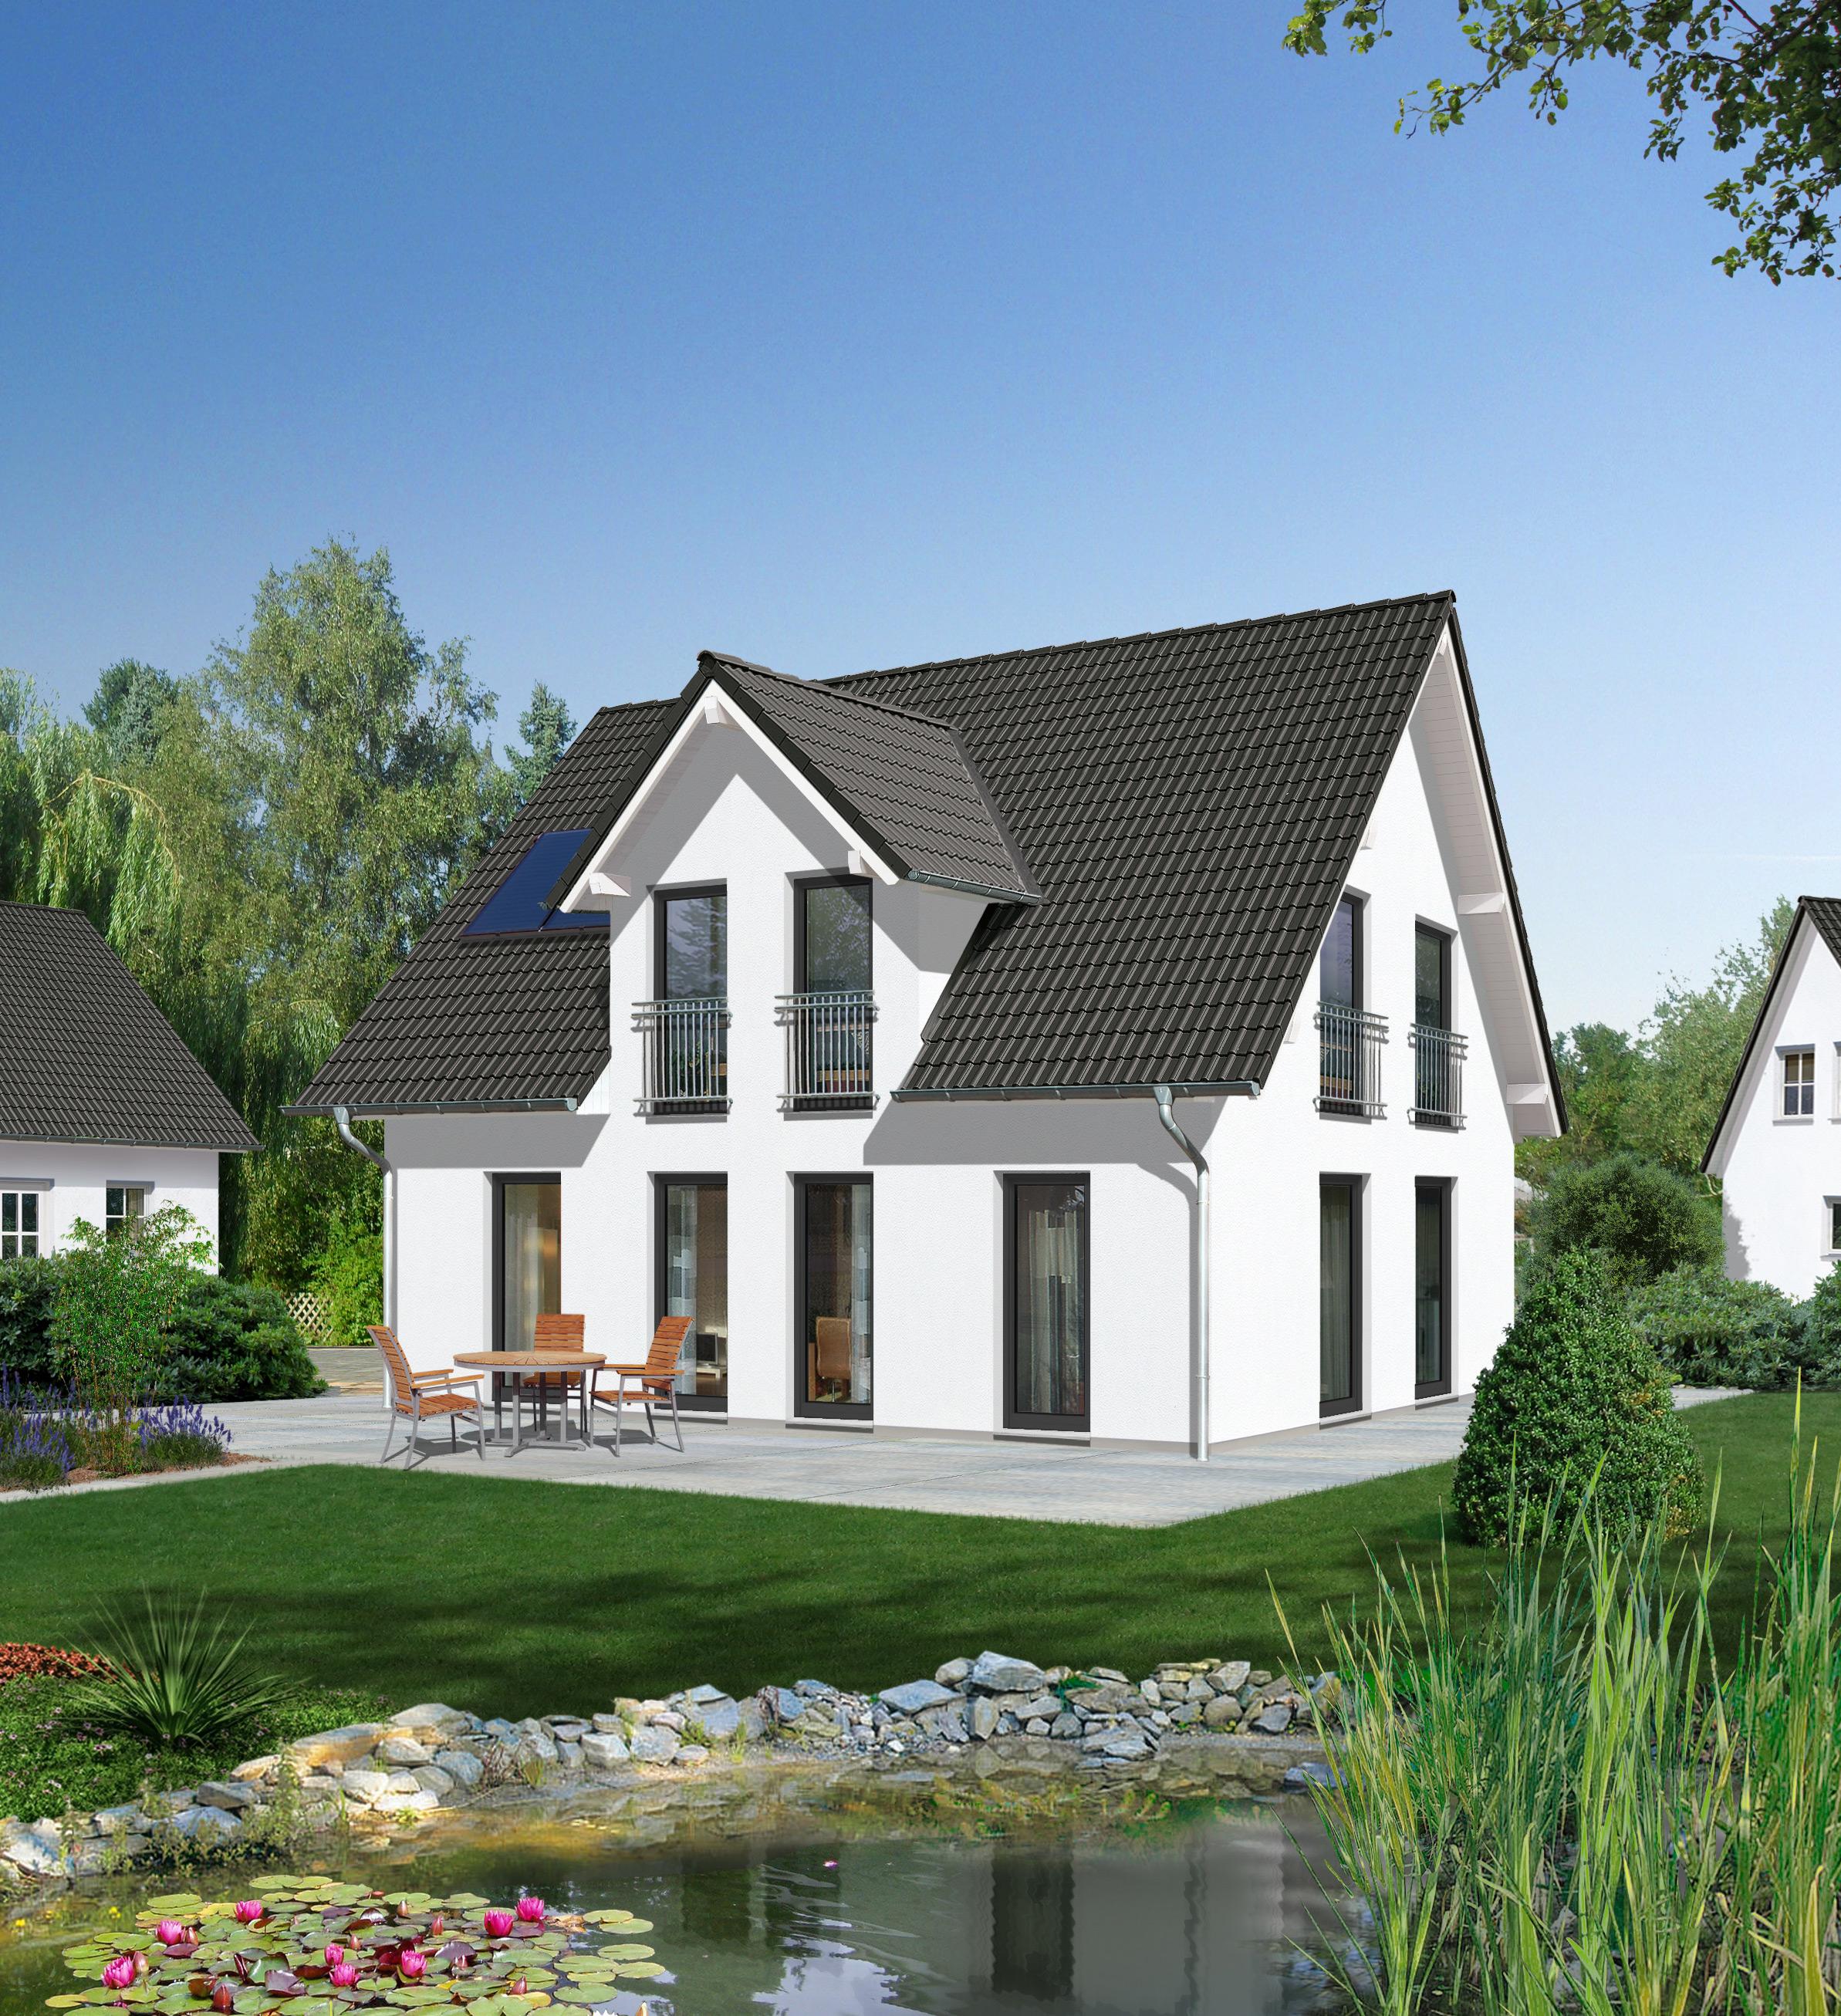 RTL-Rückwärtsauktion: Eigenheim von Town & Country Haus im Wert von 250.000 Euro gewinnen!